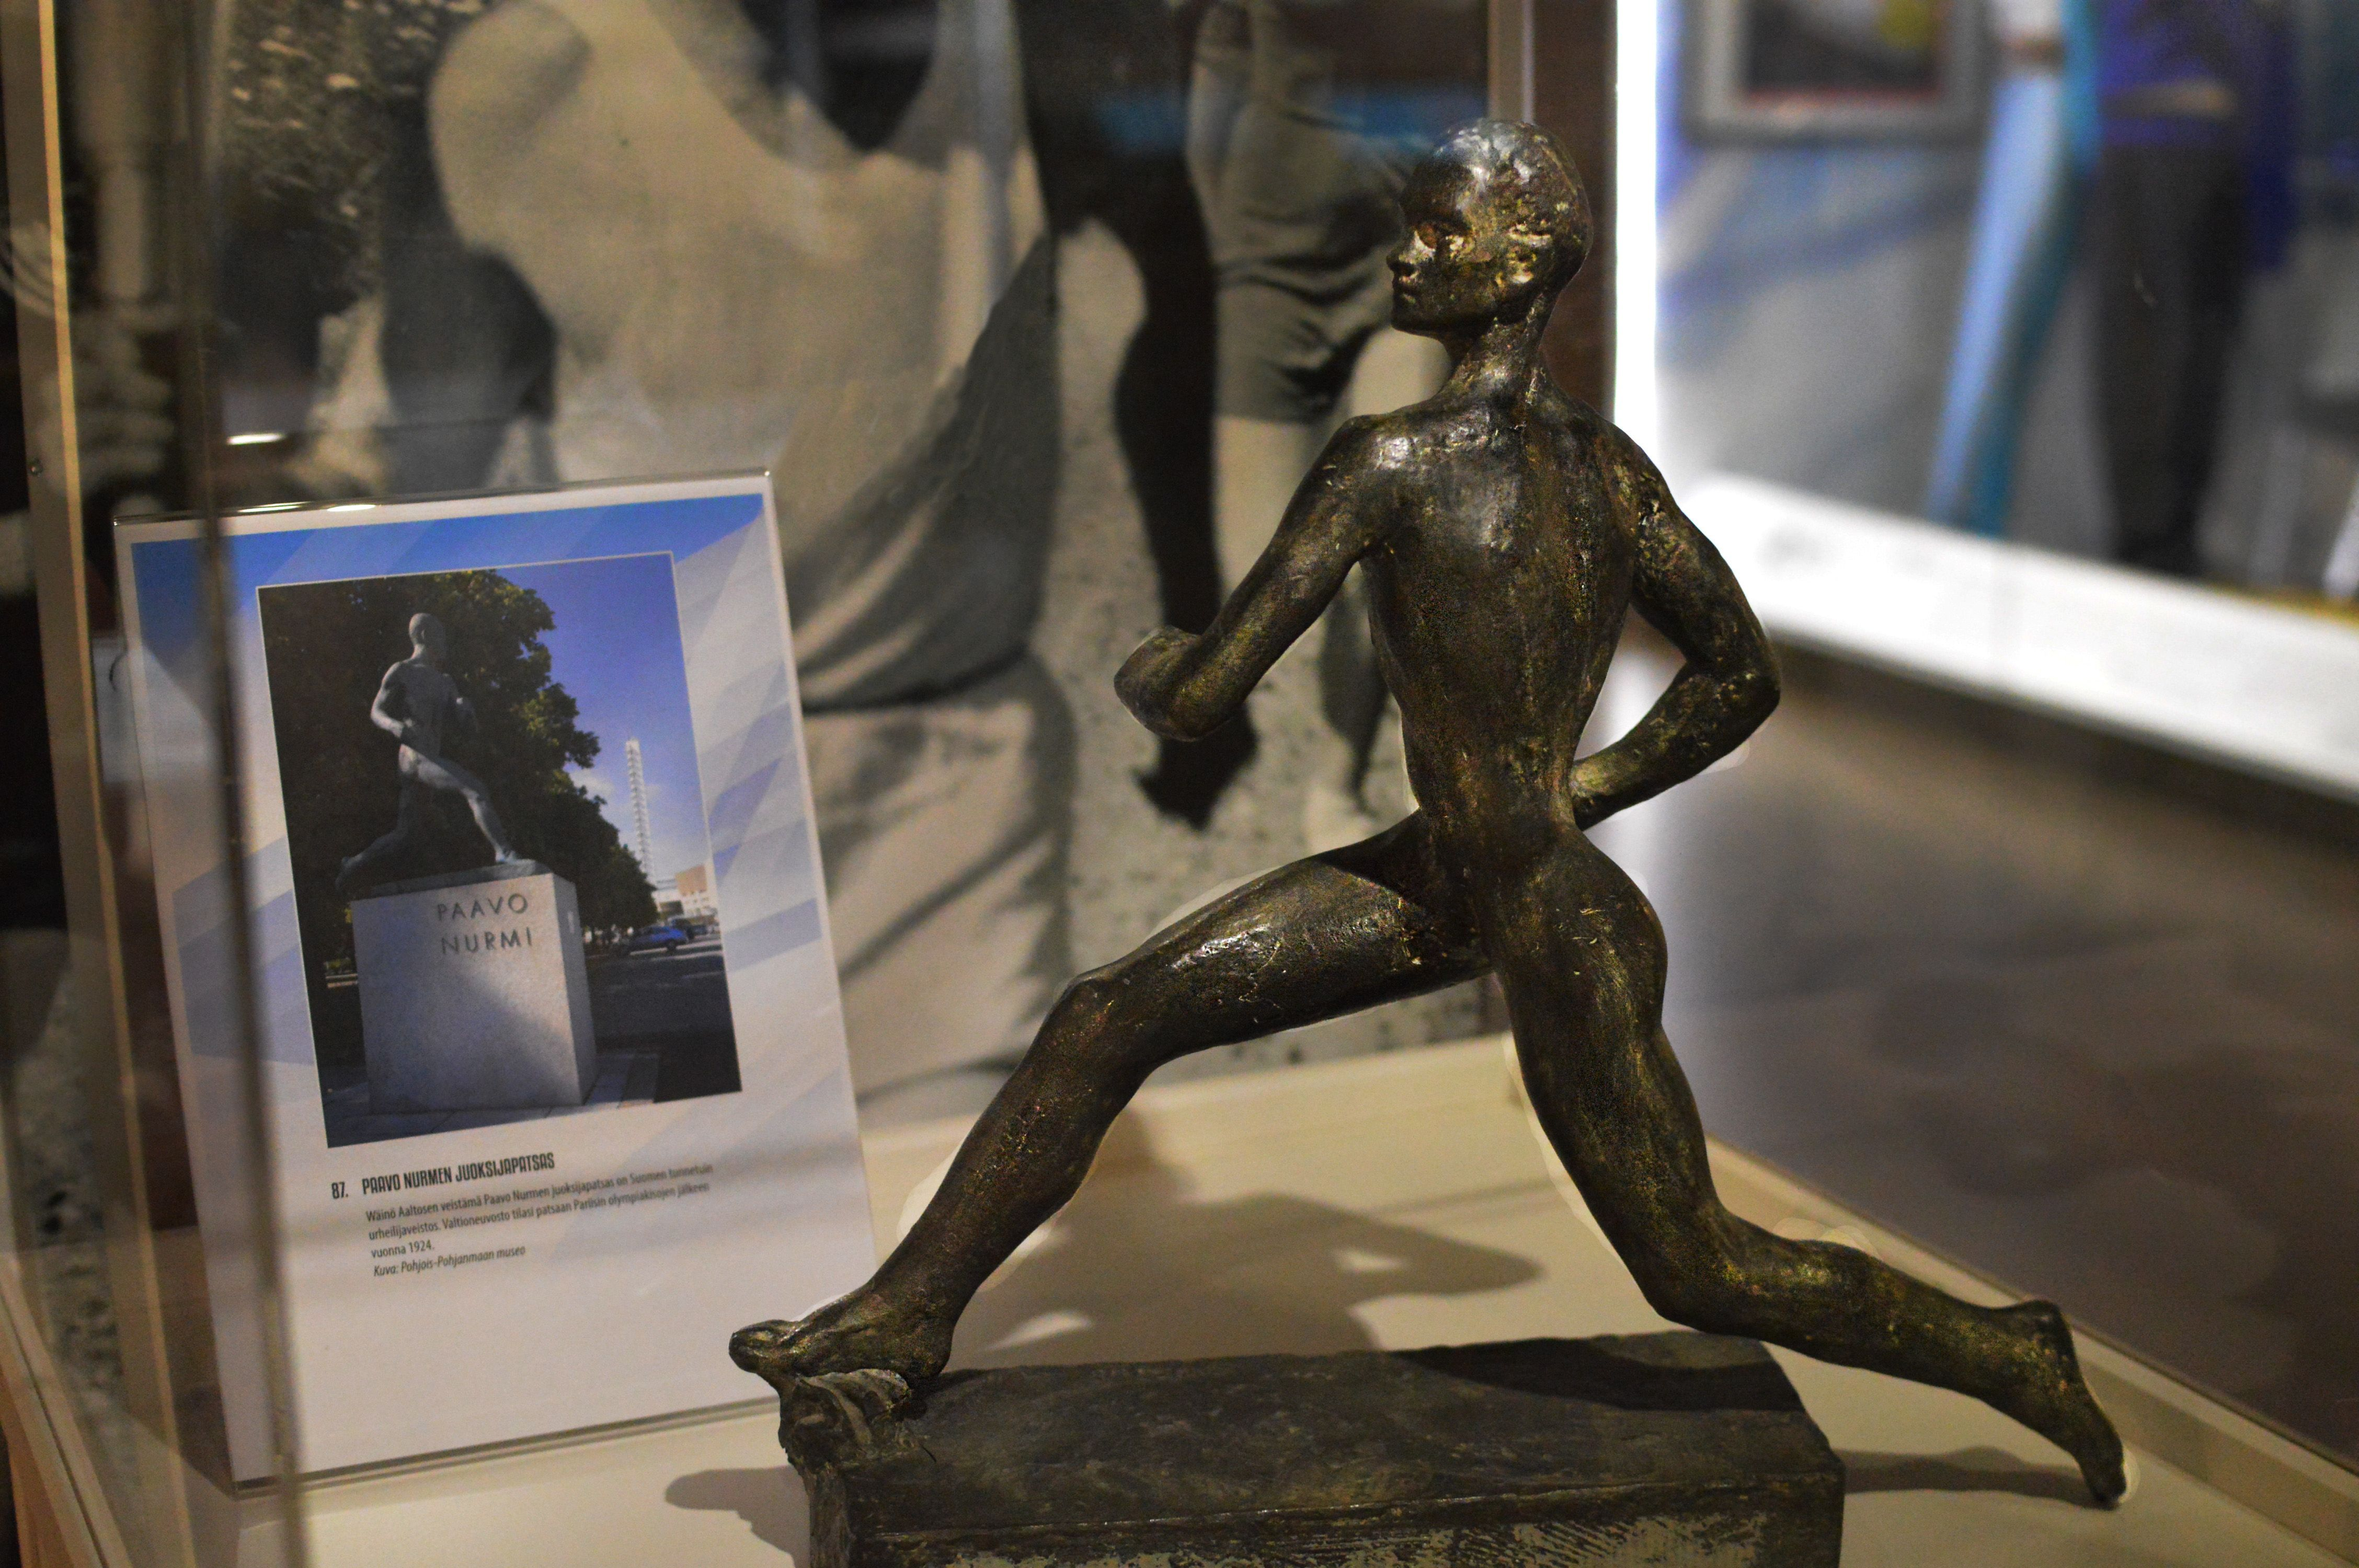 Wäinö Aaltosen veistämä Paavo Nurmen juoksijapatsas on Suomen tunnetuin urheilijaveistos. Valtioneuvosto tilasi patsaan Pariisin olympiakisojen jälkeen vuonna 1924. Patsaan katsottiin olevan kansakunnan symboli, joka kuvasi sekä suomalaisen rodullista voimaa ja sisua että kulttuurisia saavutuksia.